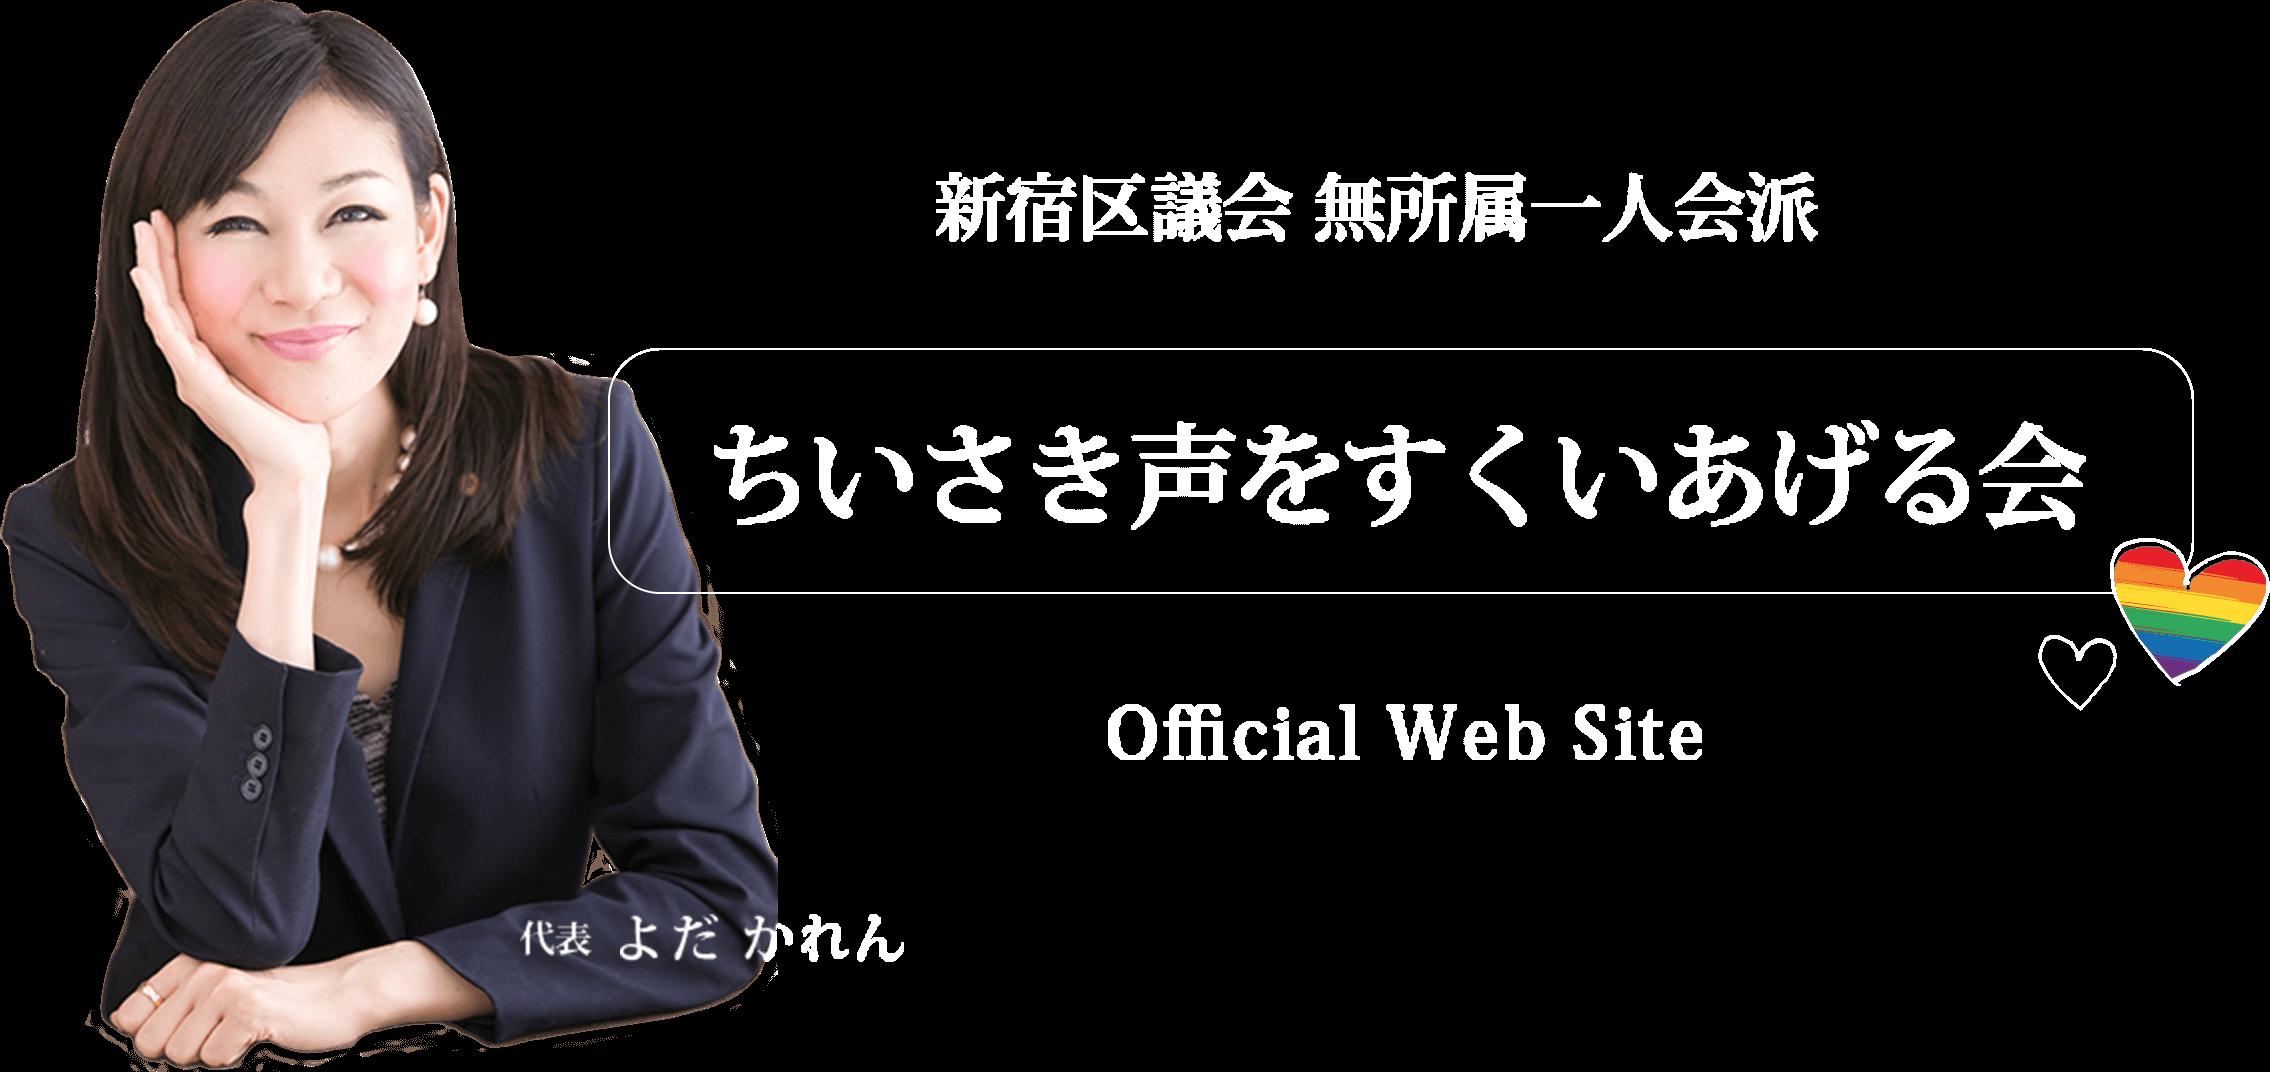 新宿区議会 無所属⼀⼈会派 ちいさき声をすくいあげる会 Official Web Site 代表よだ かれん